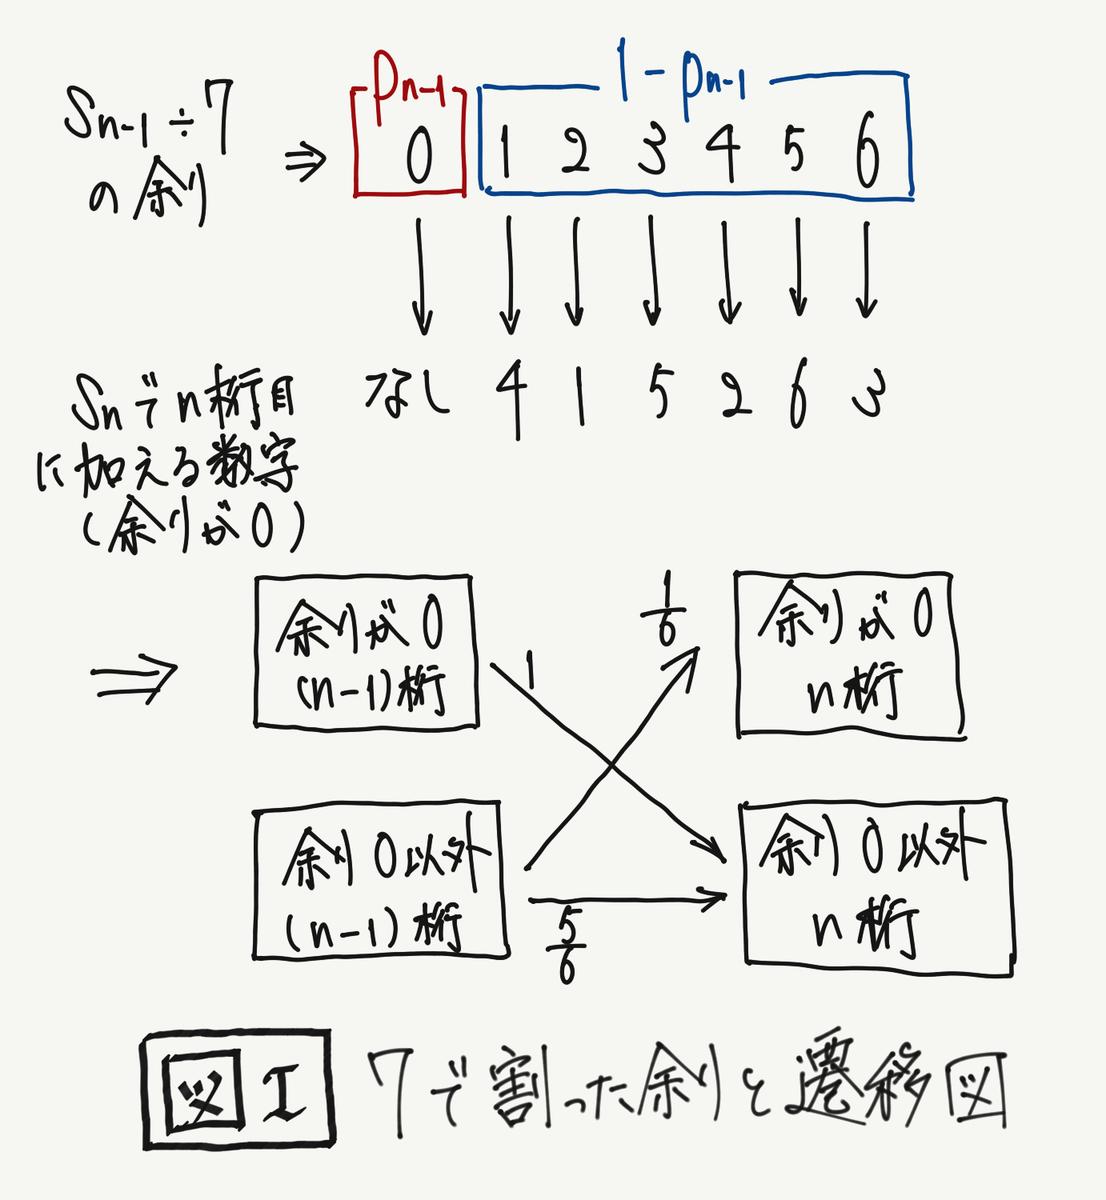 f:id:ryu_uts3:20200701194506j:plain:w250:right